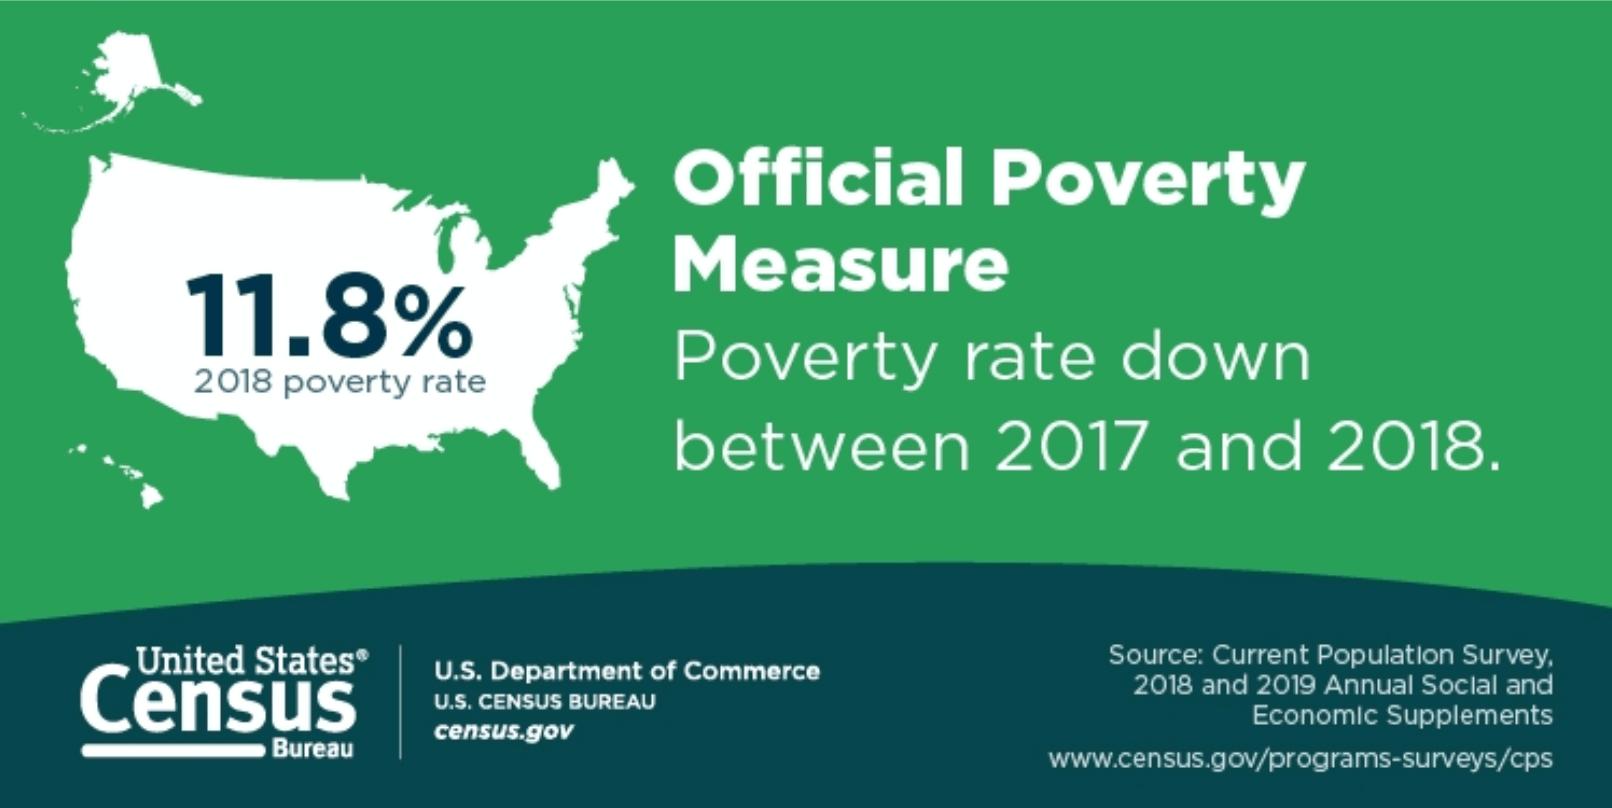 Selon les chiffres gouvernementaux américains, le taux de pauvreté officiel a baissé de 0,5 point entre 2017 et 2018. Depuis l'année 2014, on peut noter une baisse globale de 3 points.